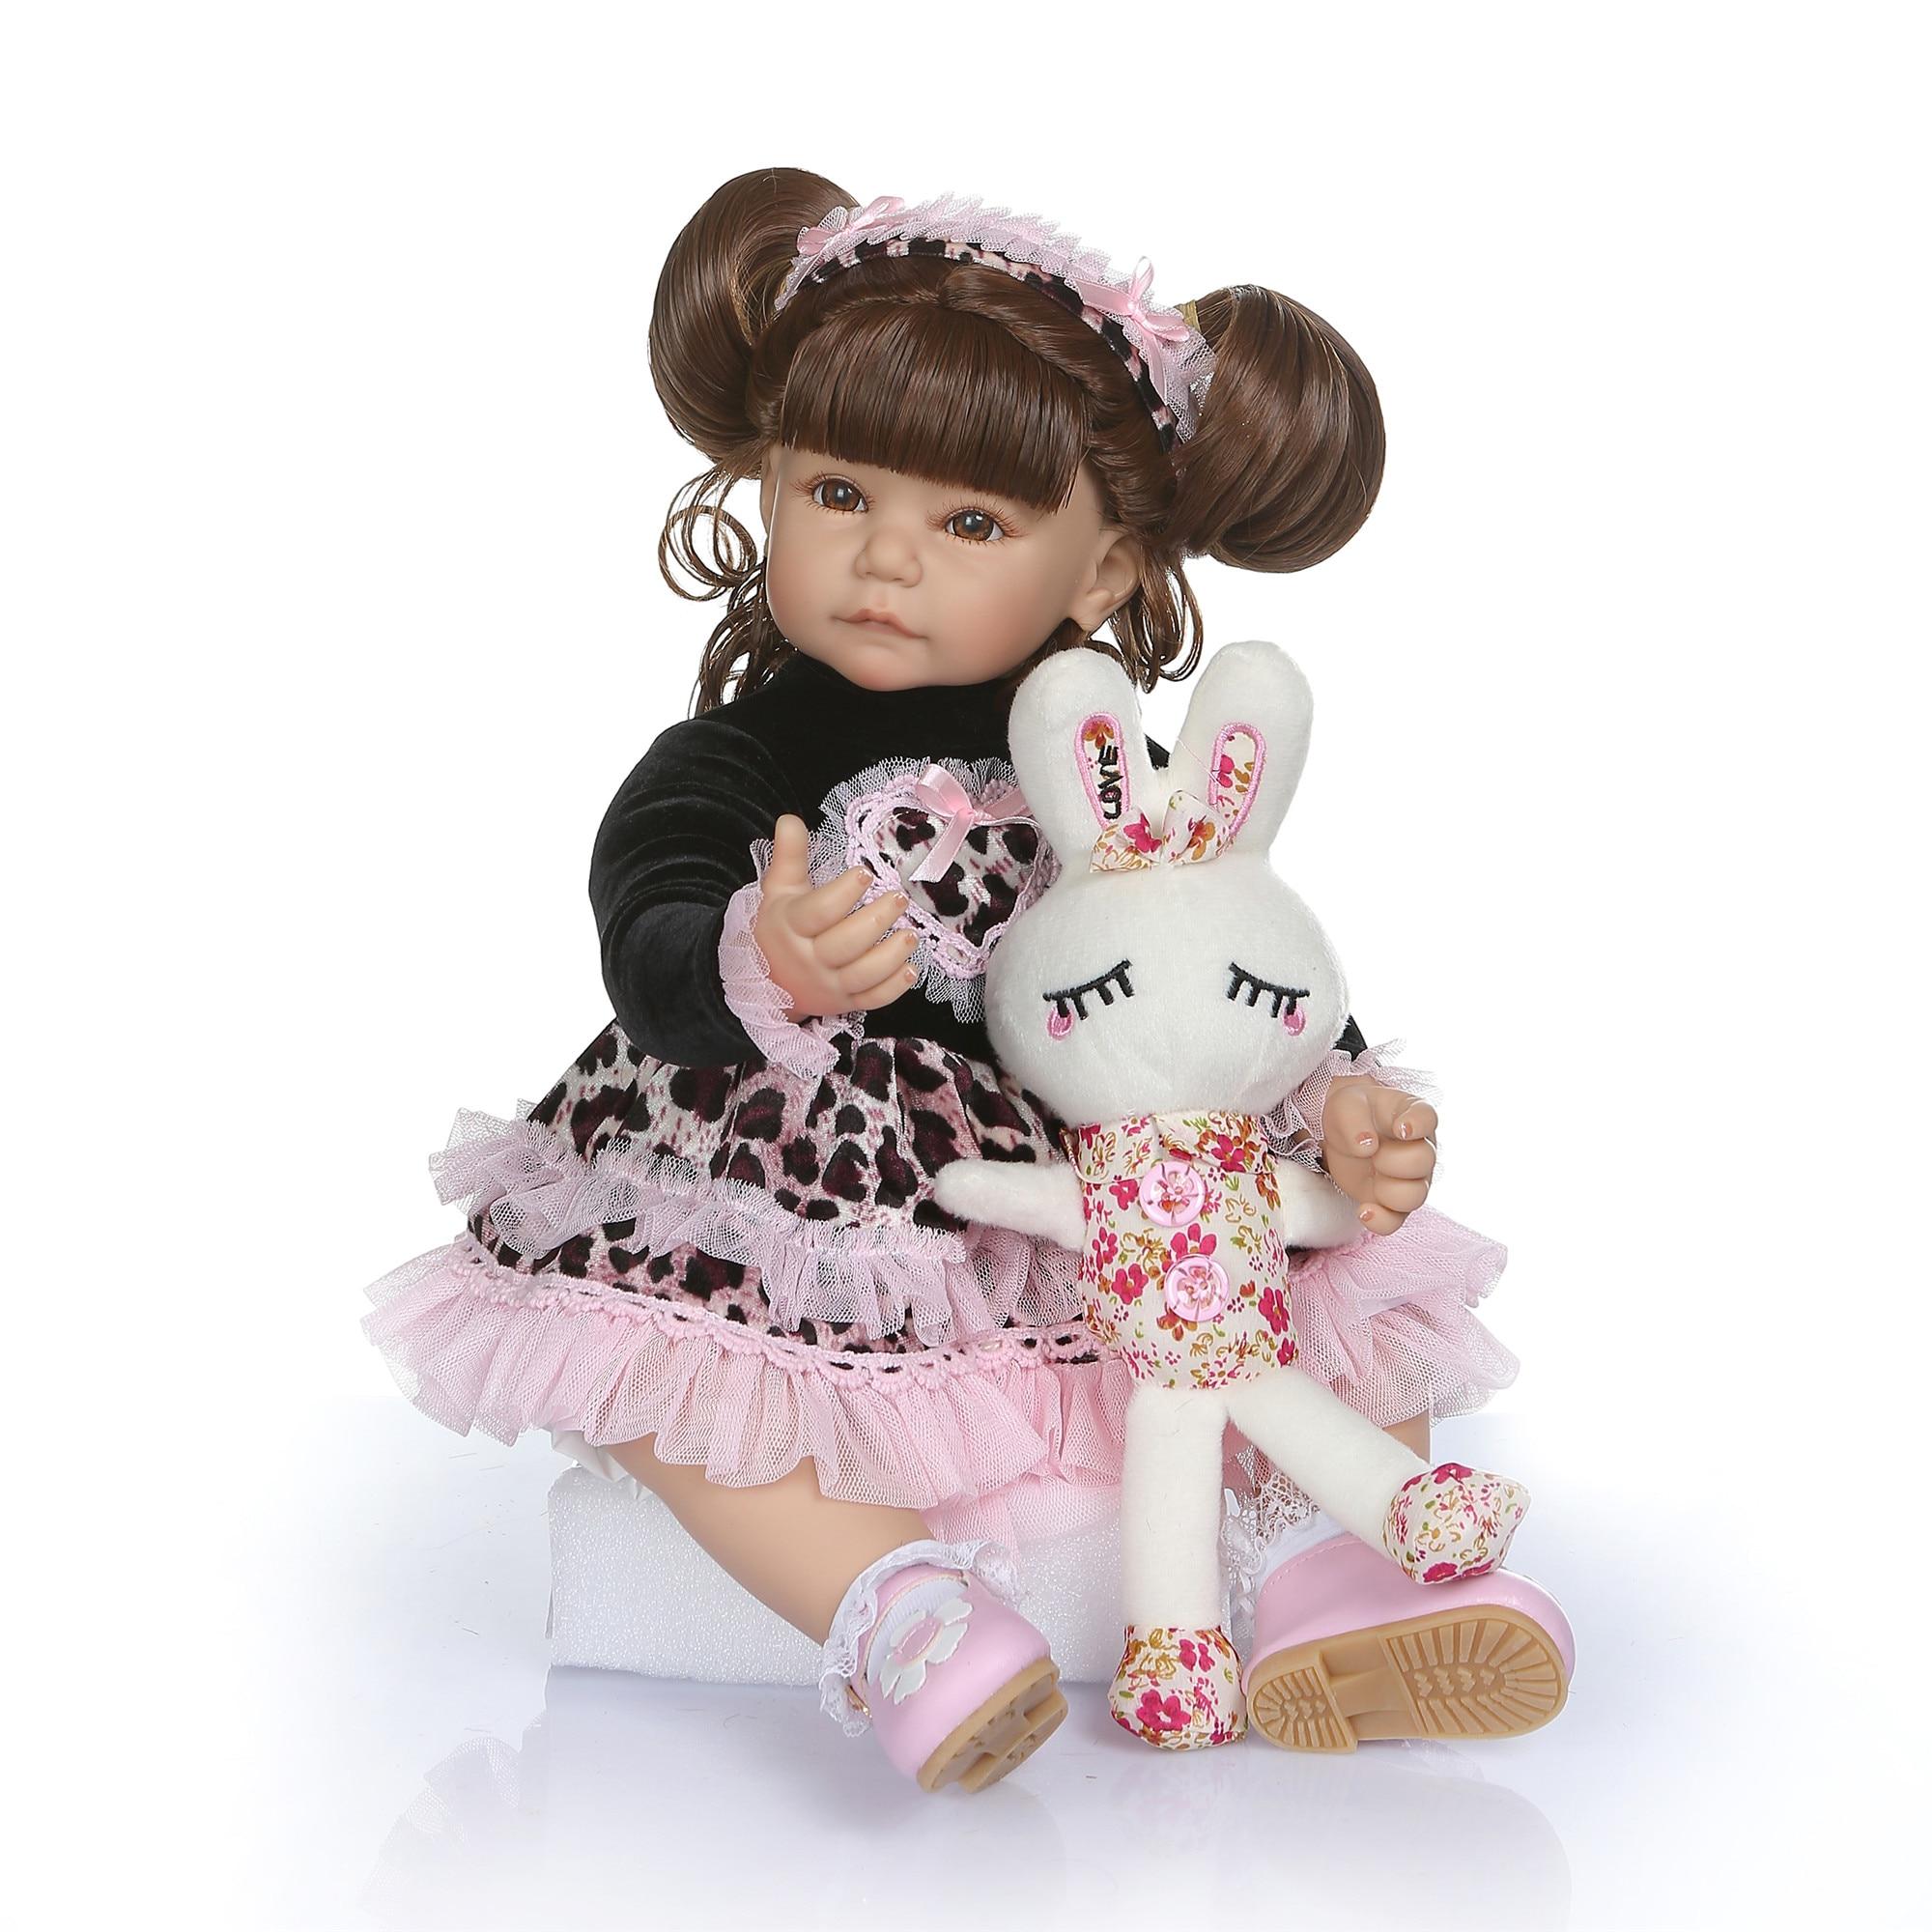 NPK 50cm doux coton corps Silicone nouveau-né bébé poupée comme vraie fille bebe reborn jouet lol poupées pour fille cadeau d'anniversaire jouer jouet